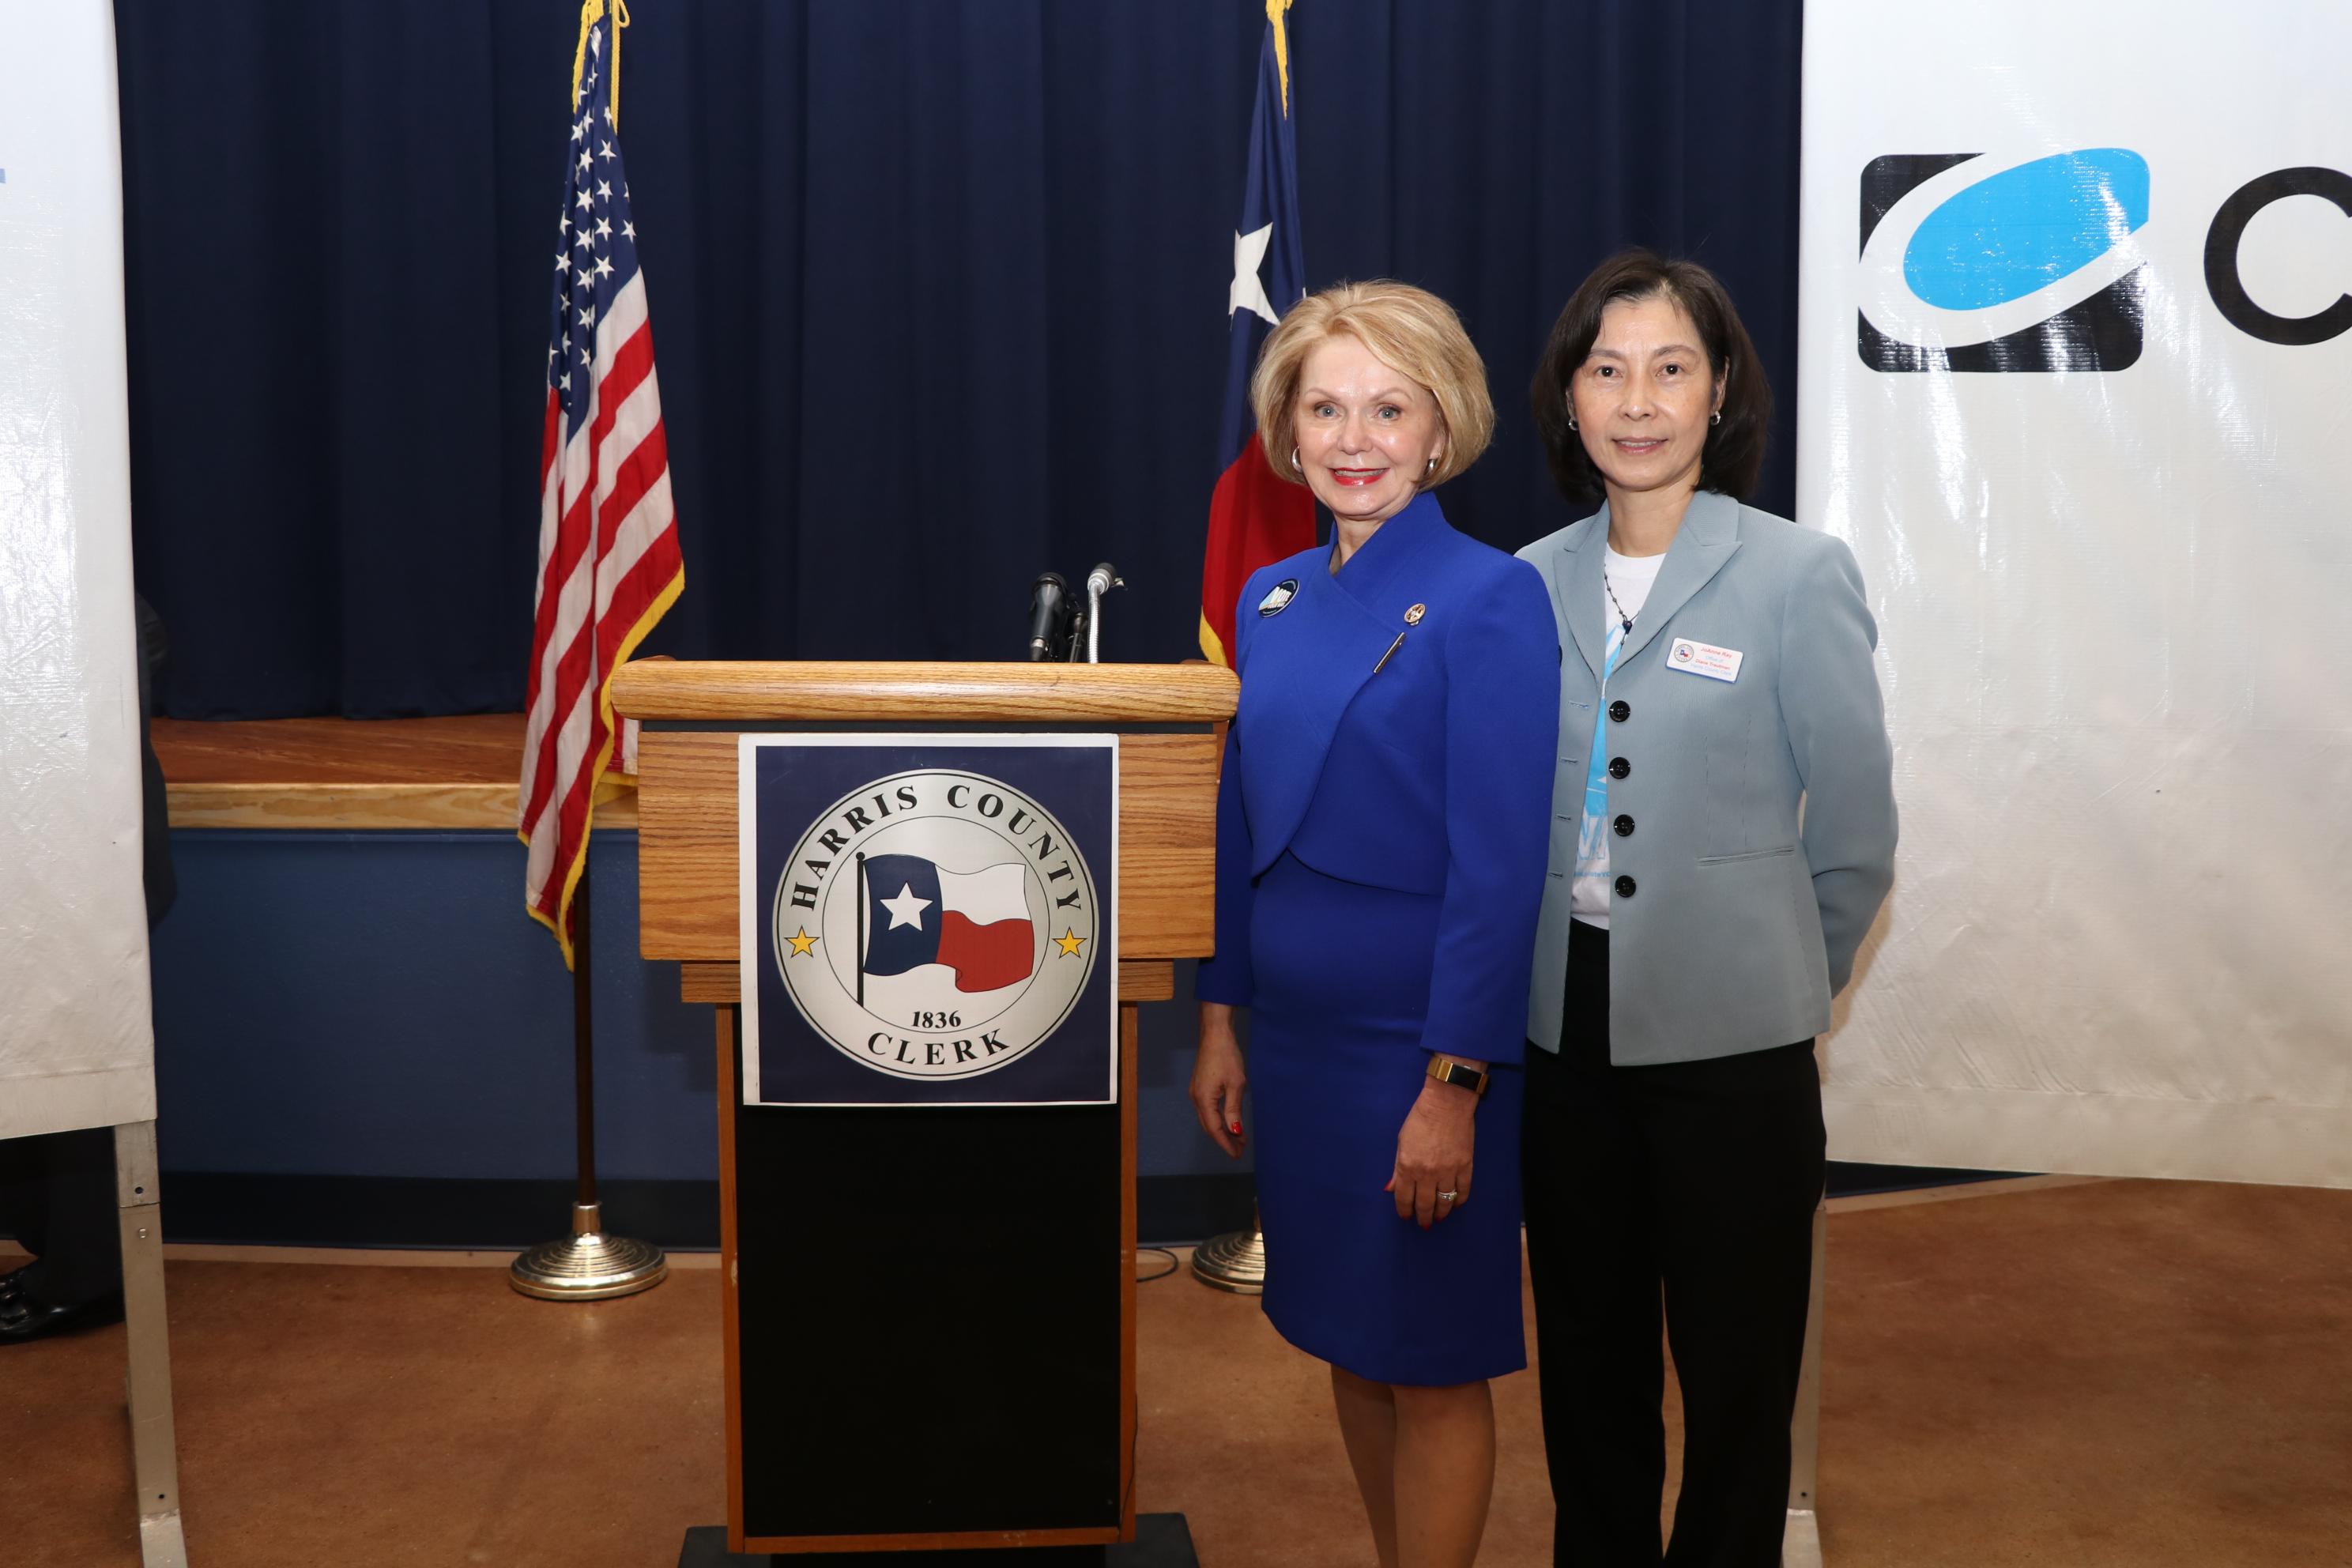 哈瑞斯縣選民服務處華裔召集人JoAnne Ray芮久玟(圖右)與Dr. Diane Trautman(圖左)呼籲選民踴躍投票。(記者封昌明/攝影)